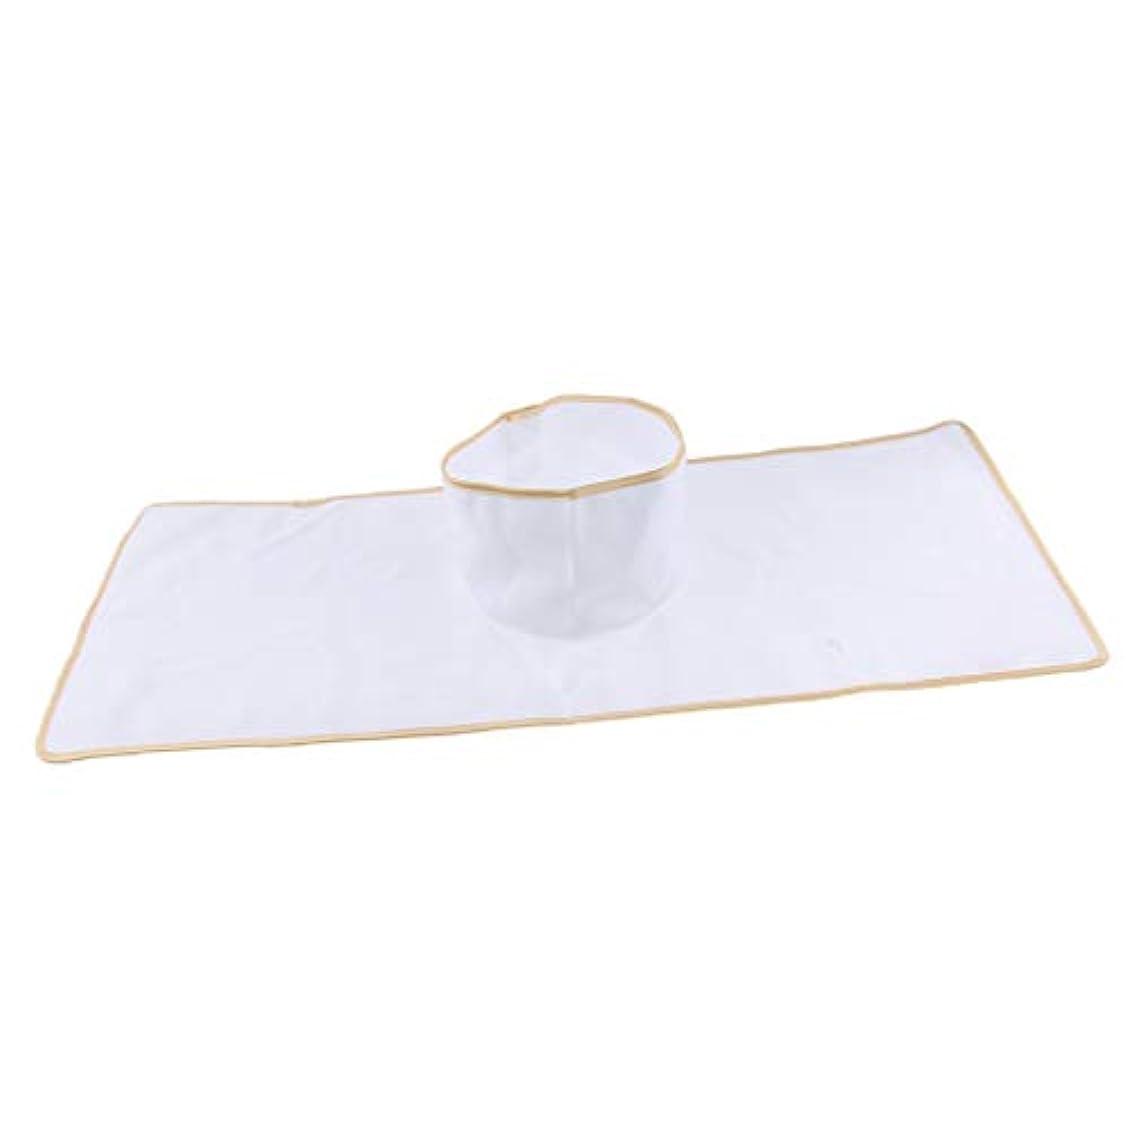 霧気怠いスロットD DOLITY サロン マッサージベッドシート 穴付き 衛生パッド 再使用可能 約90×35cm 全3色 - 白